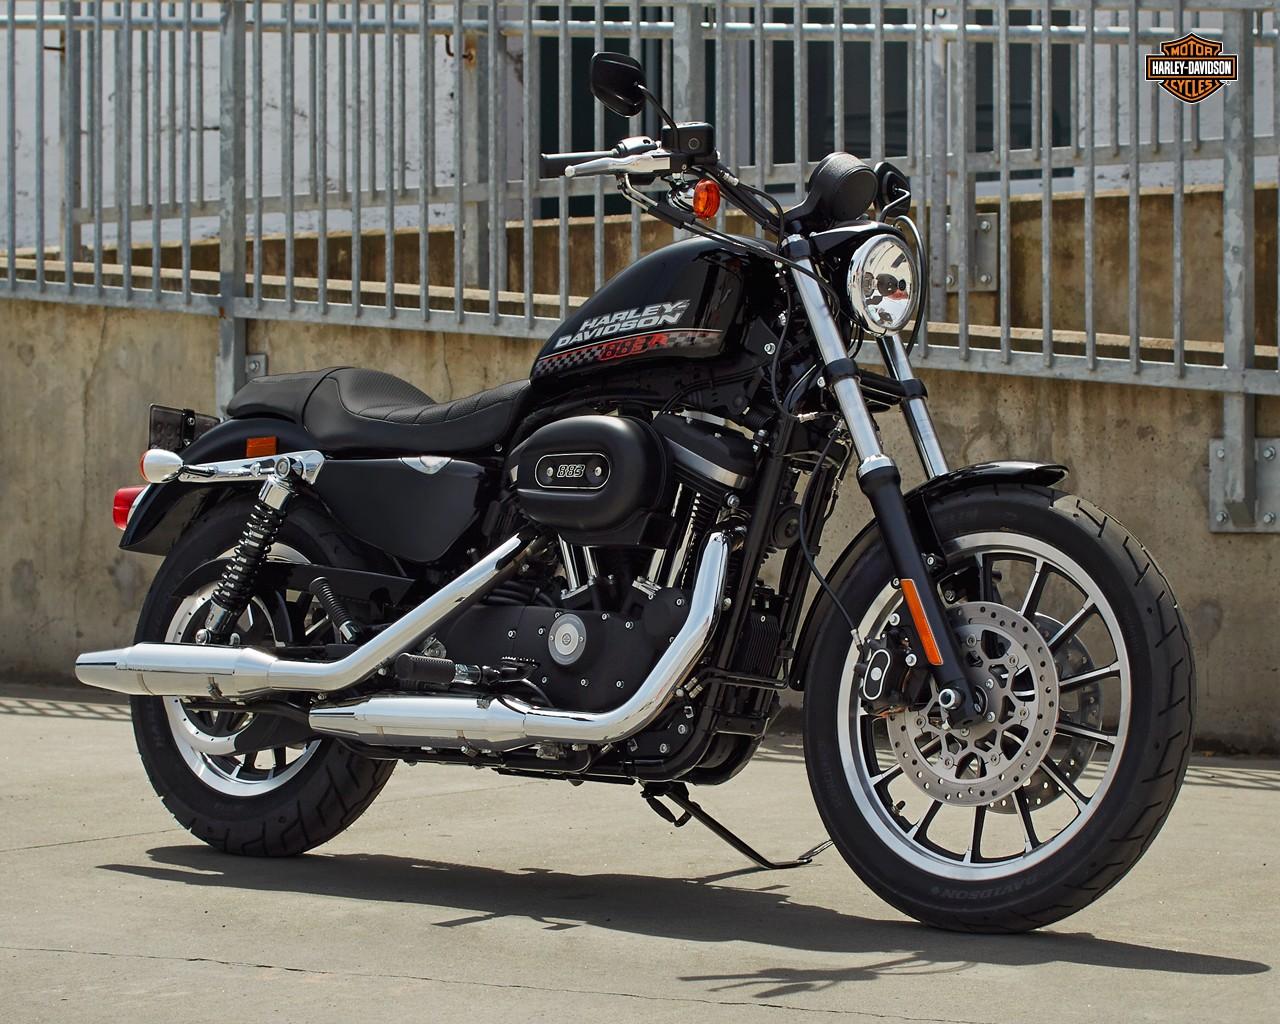 2015 Harley Davidson 883 Roadster